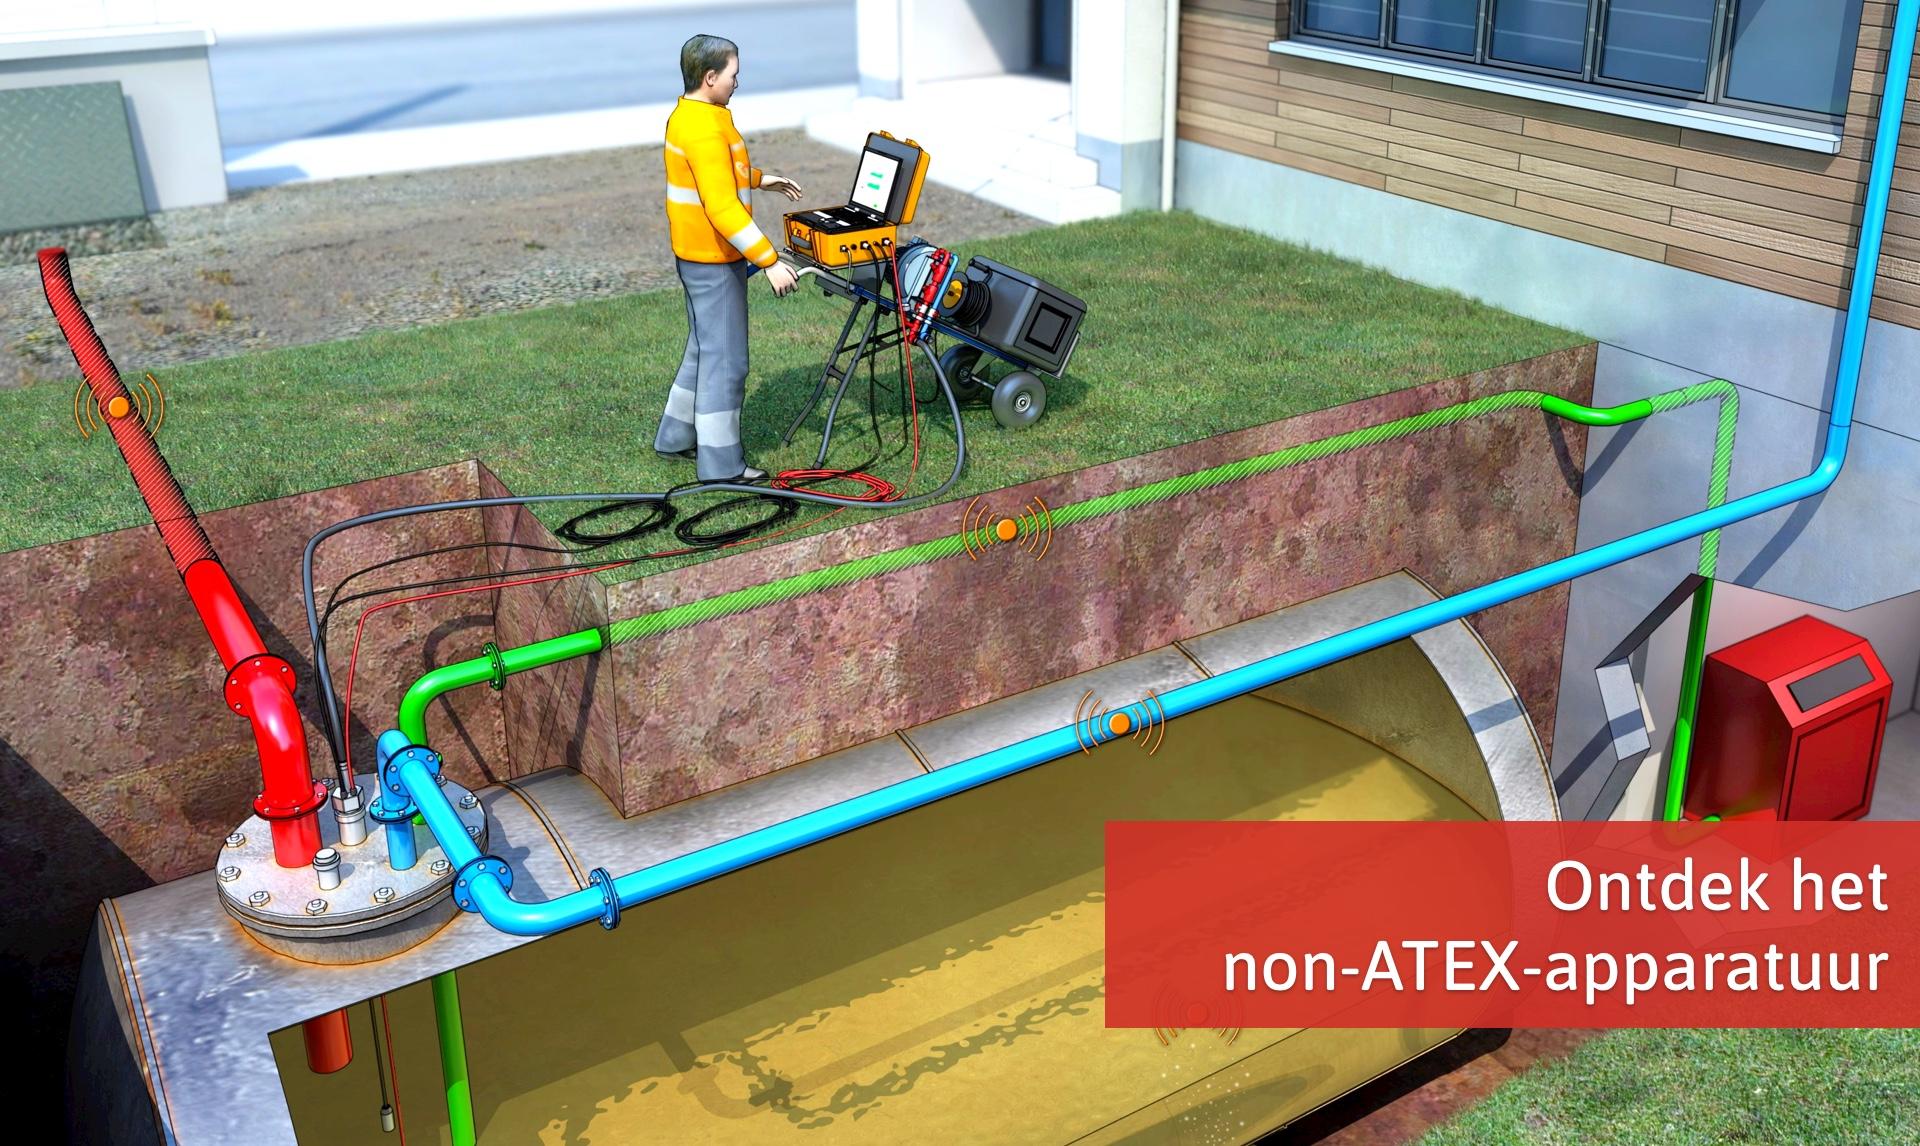 Ontdek het non-ATEX-apparatuur